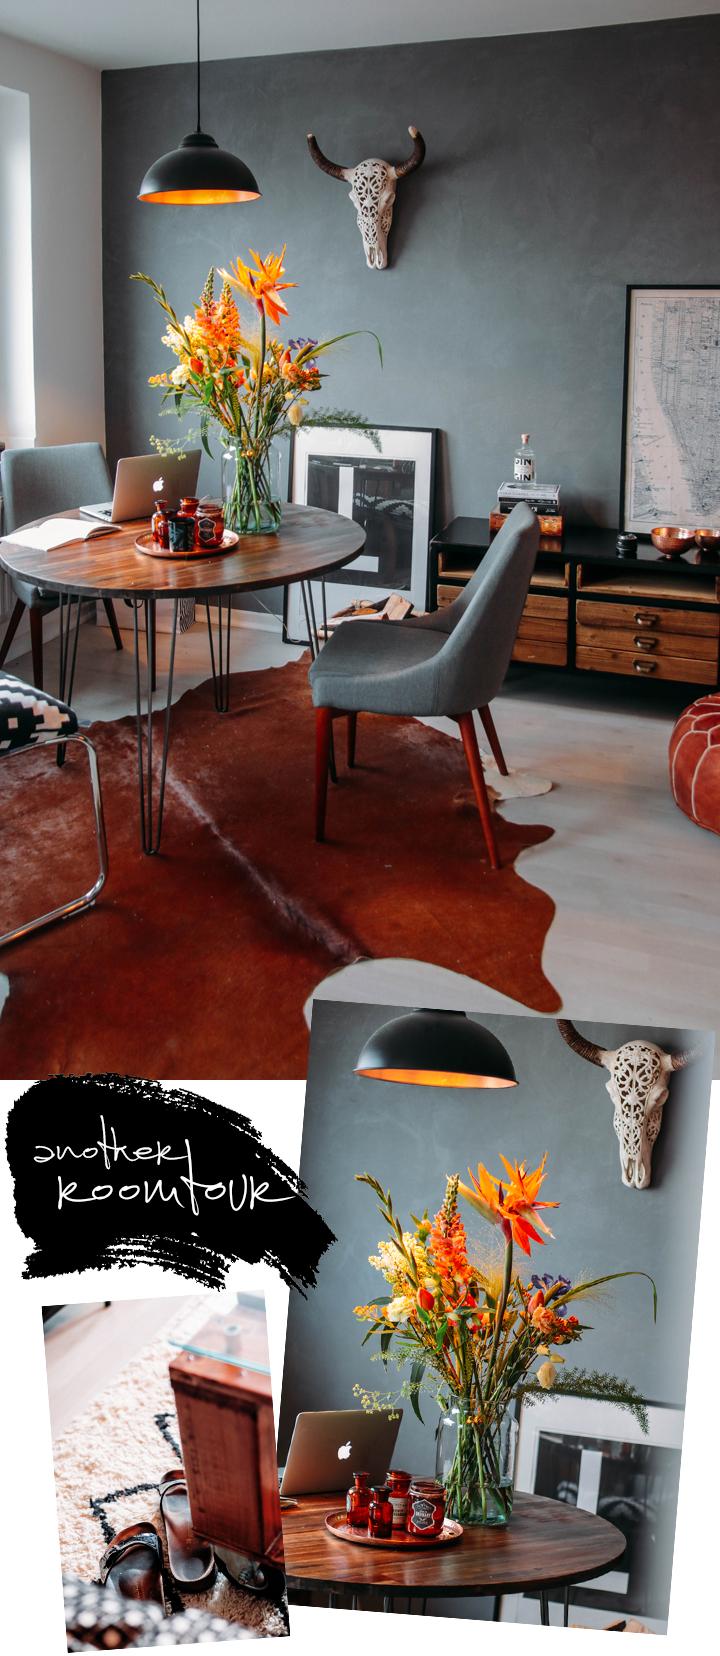 Blog_Wohnzimmer_Lina_mallon_roomtour_industrial_interior-(22-von-27)